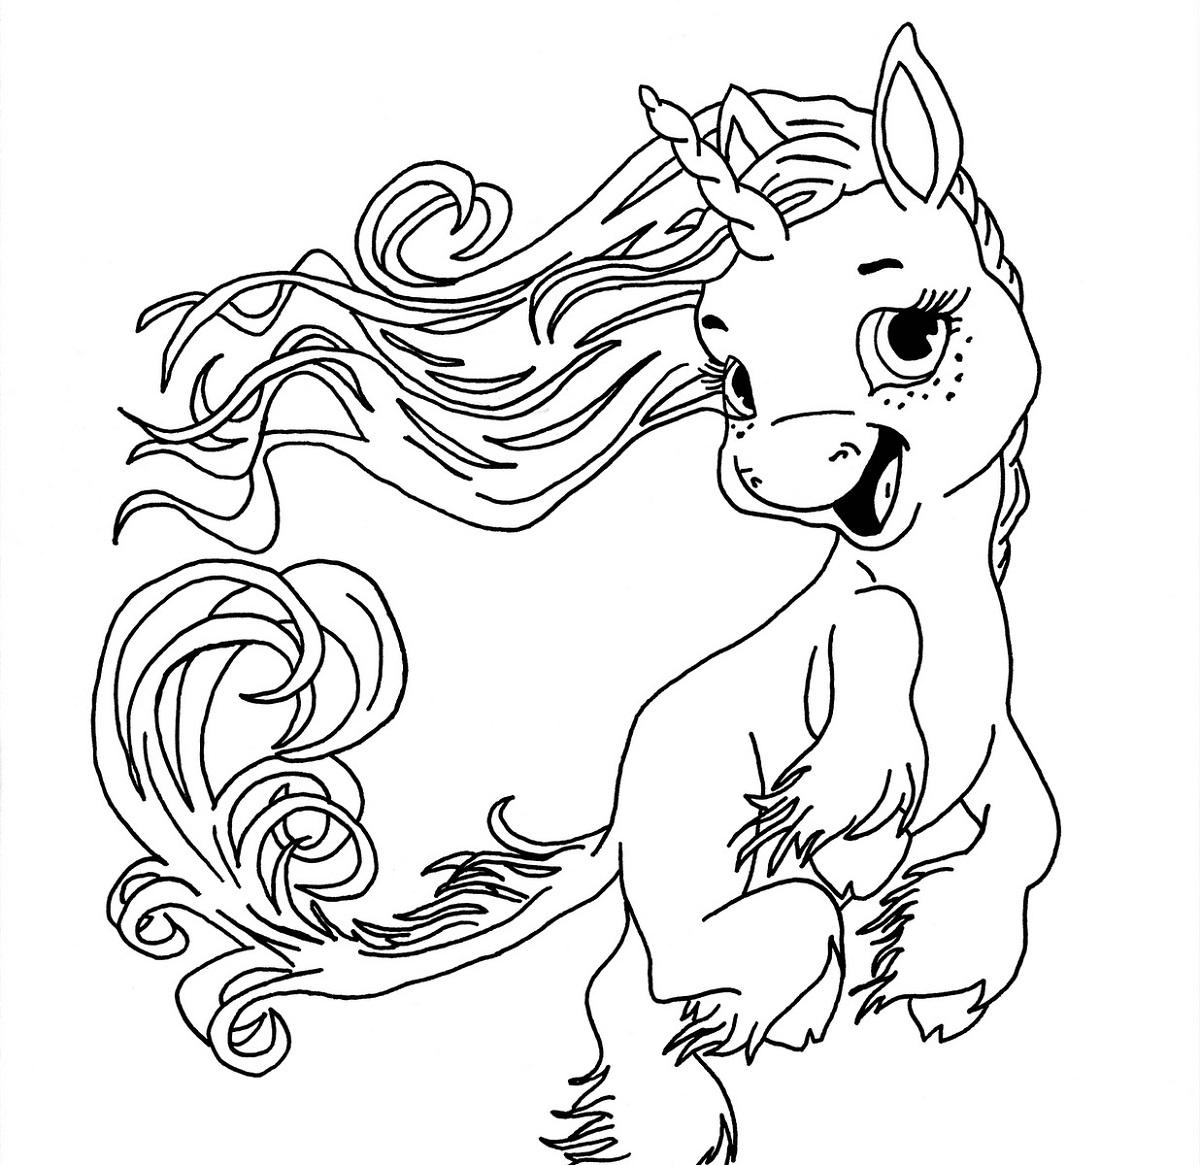 Unicornios Para Dibujar Todos Los Estilos Desde Kawaii Hasta Reales